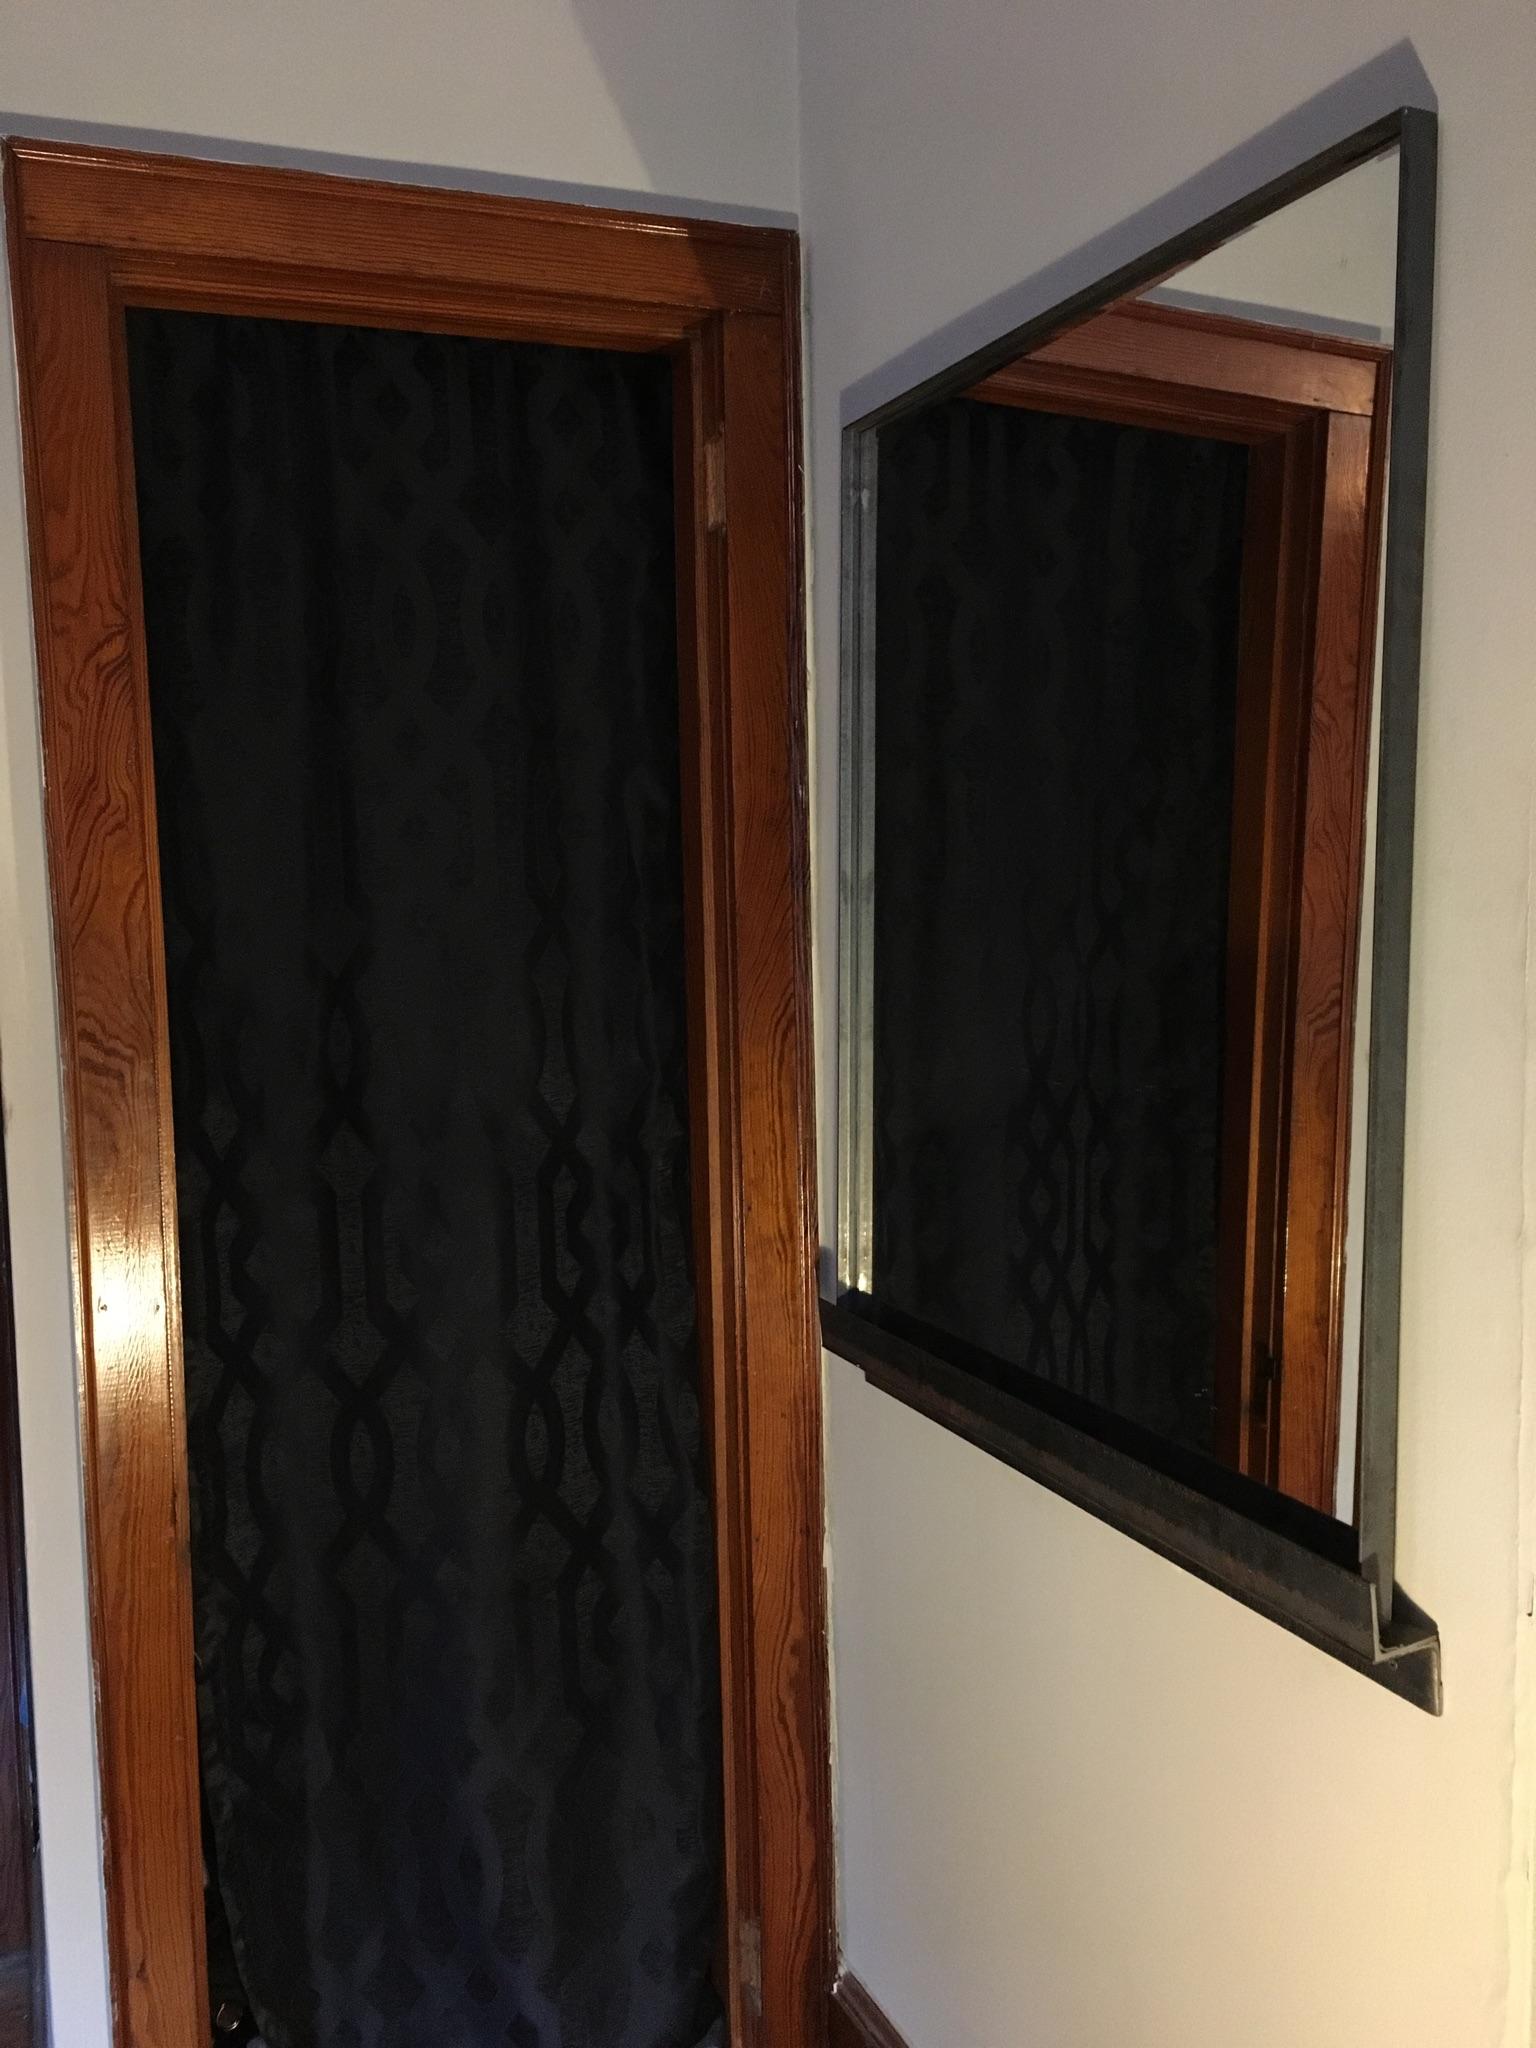 mirror frame/bracket